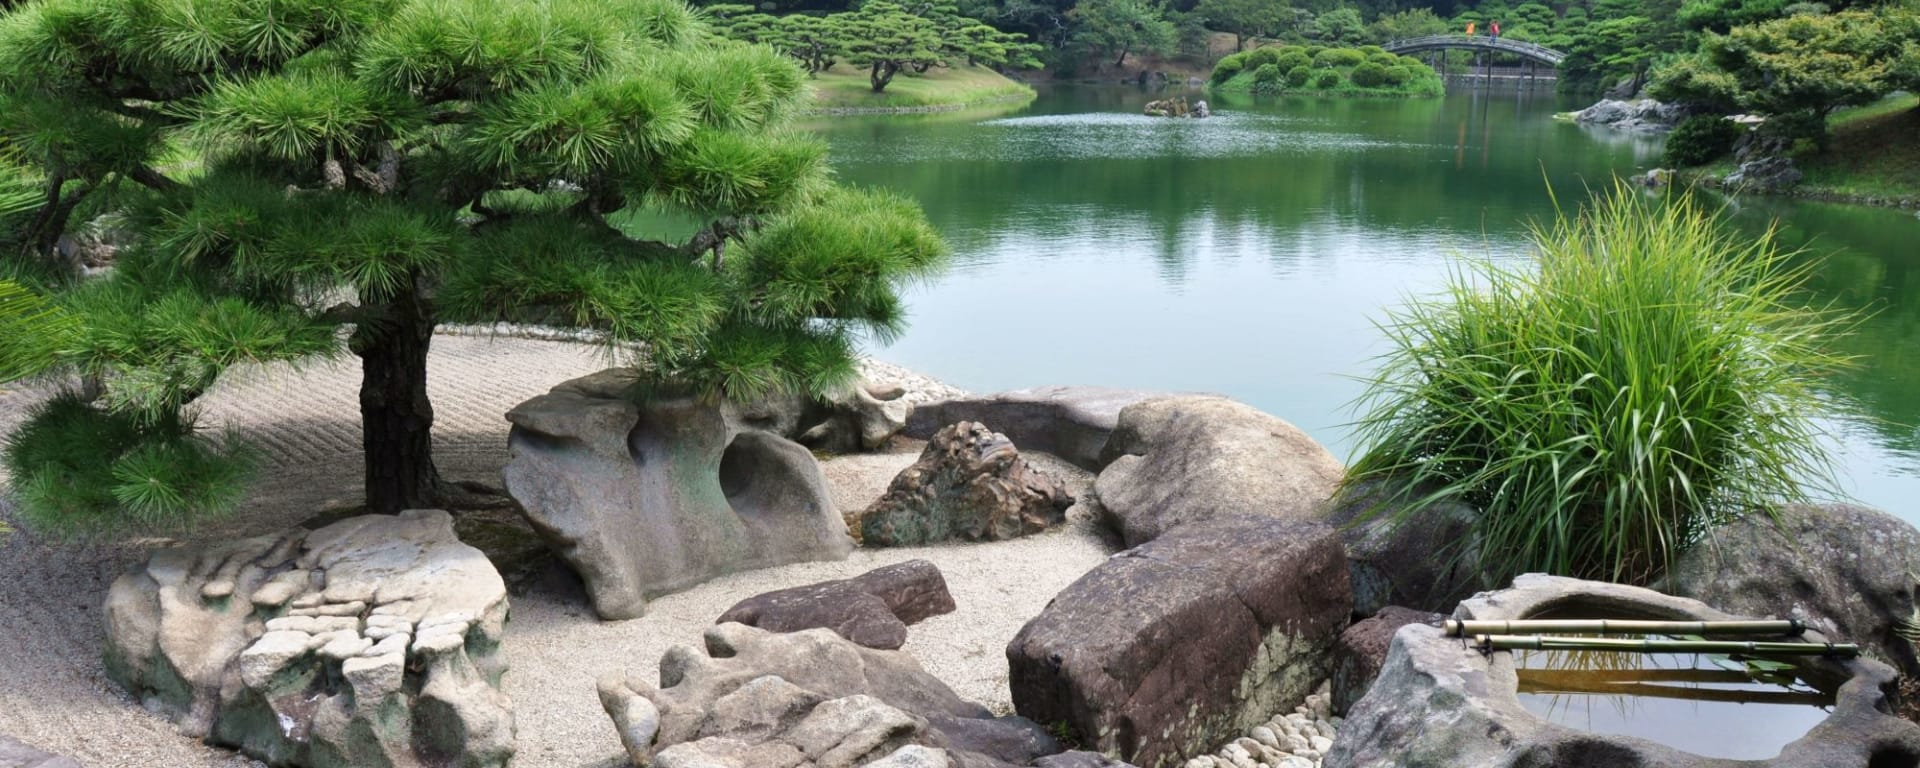 Entdeckungen im Westen Japans ab Kyoto: Zen garden, Ritsurin Park, Takamatsu, Shikoku